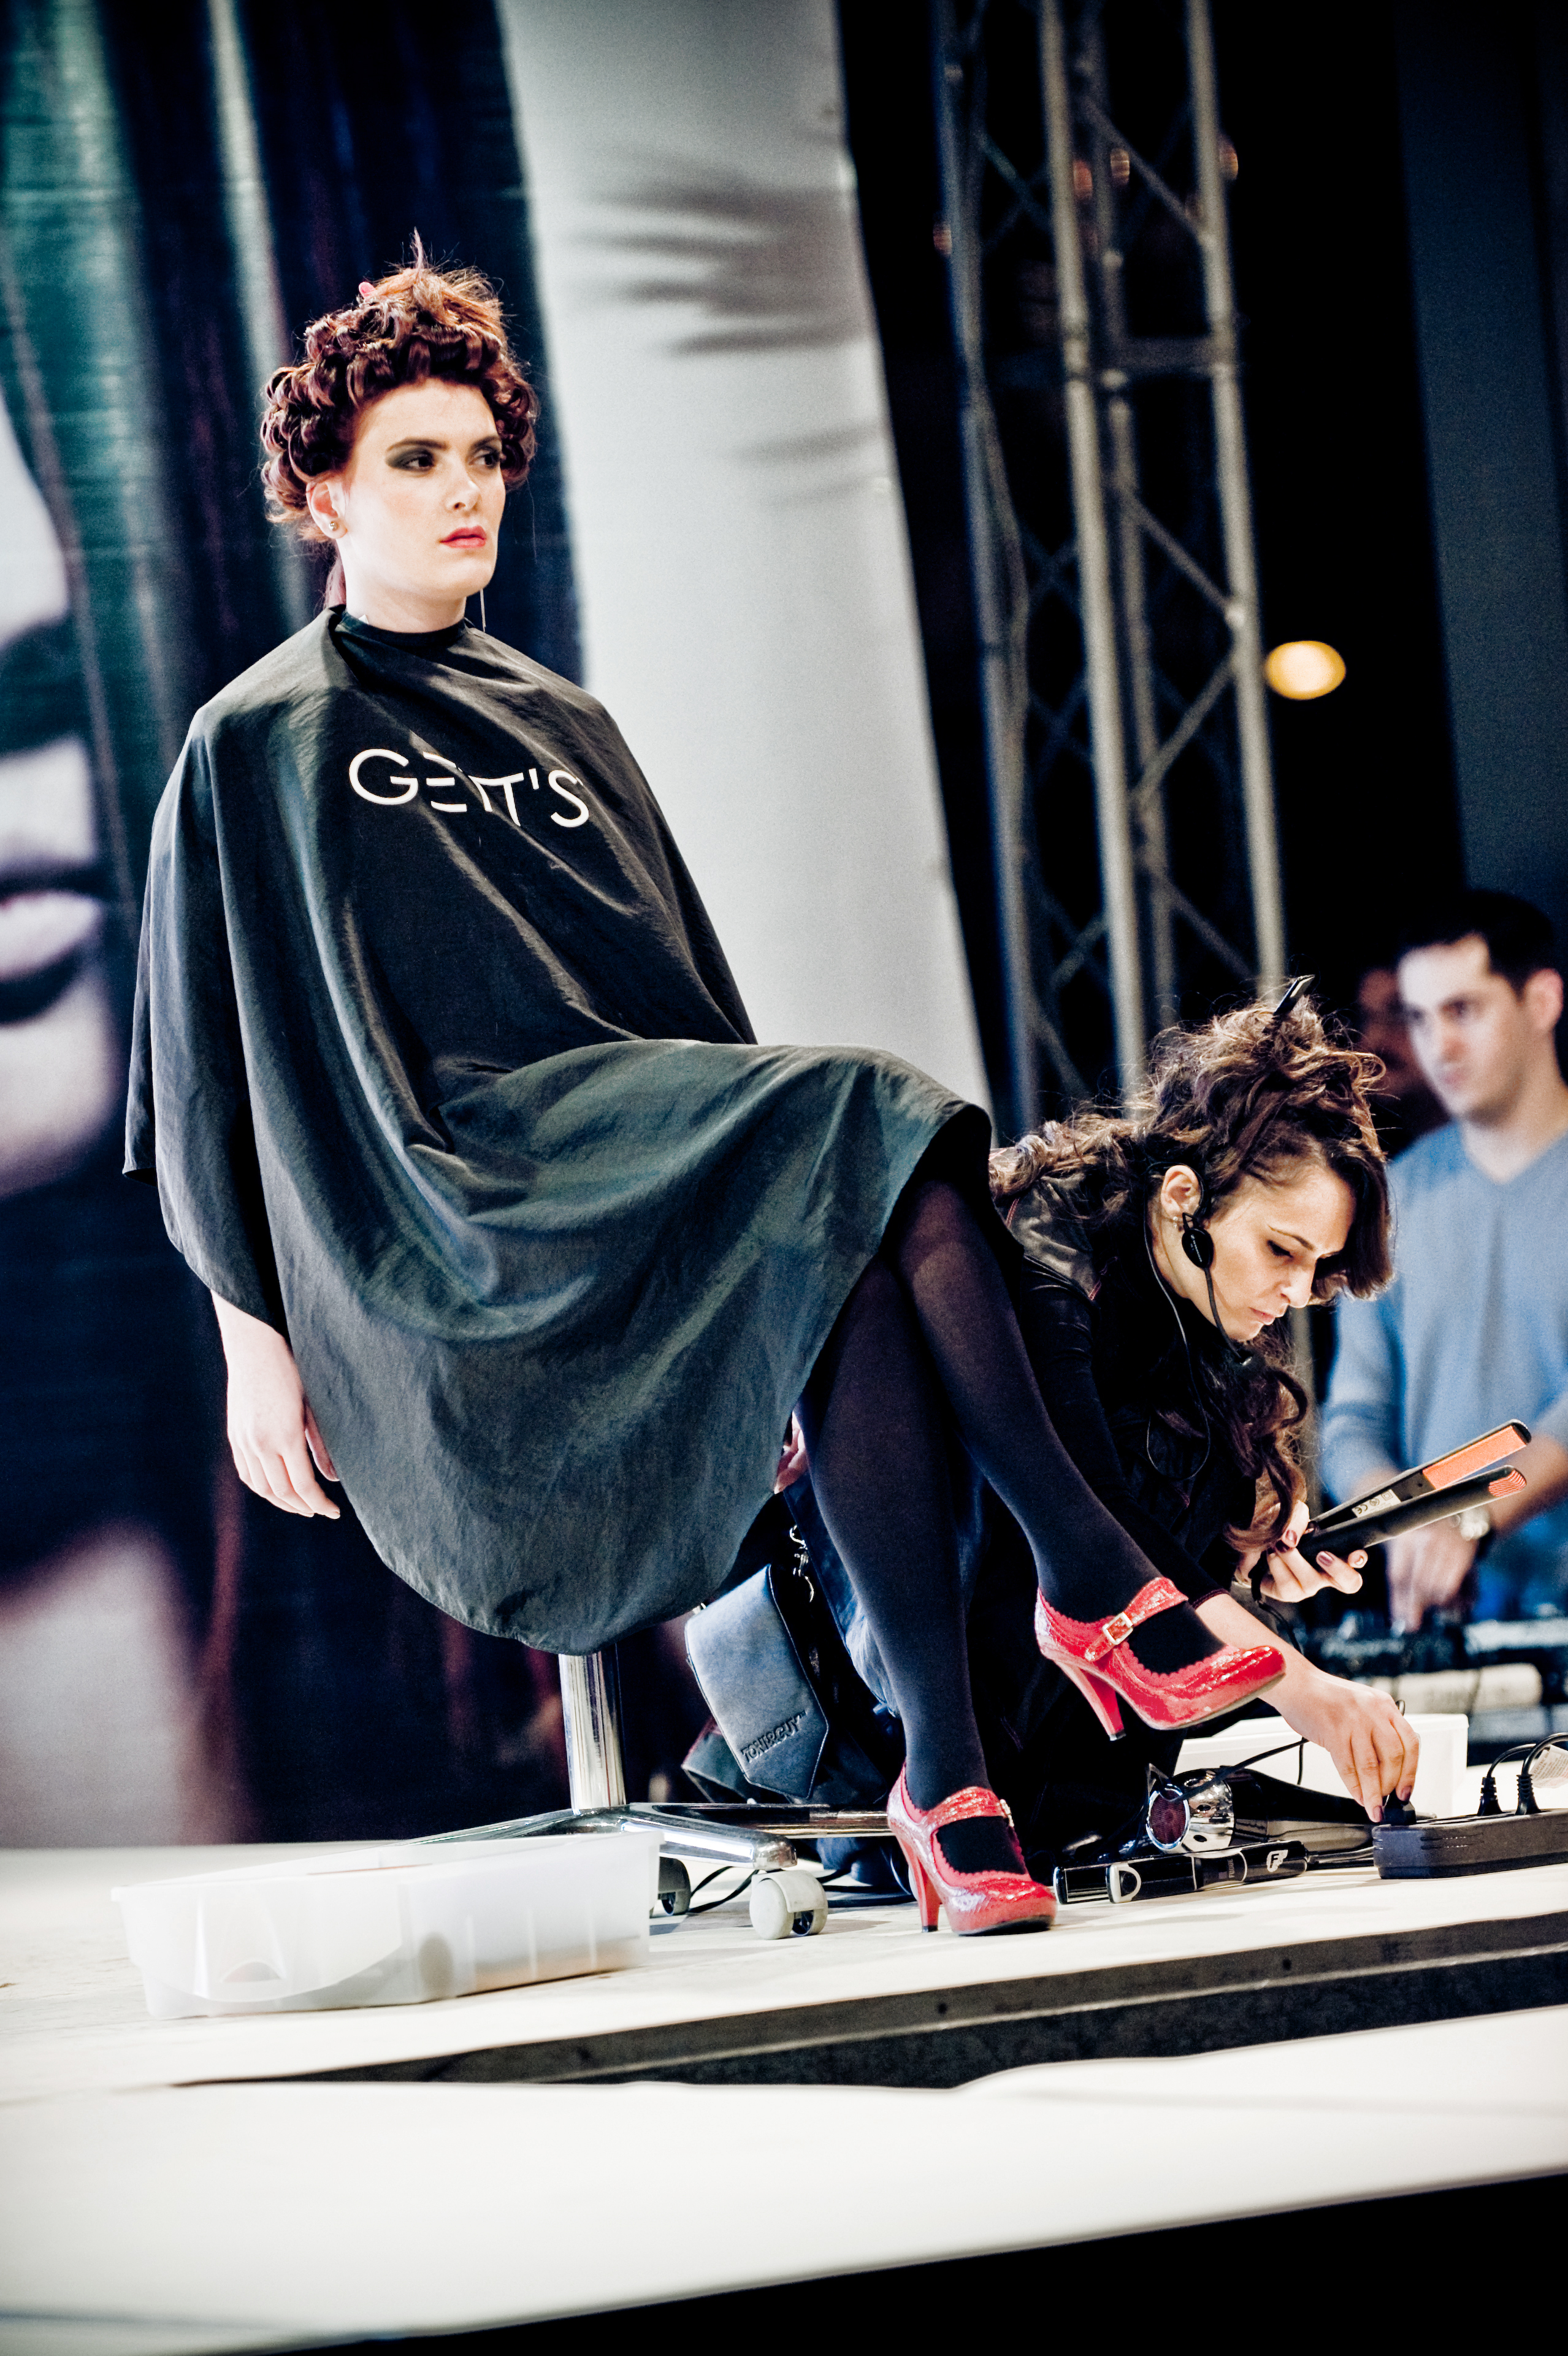 show-getts-iulius-00159